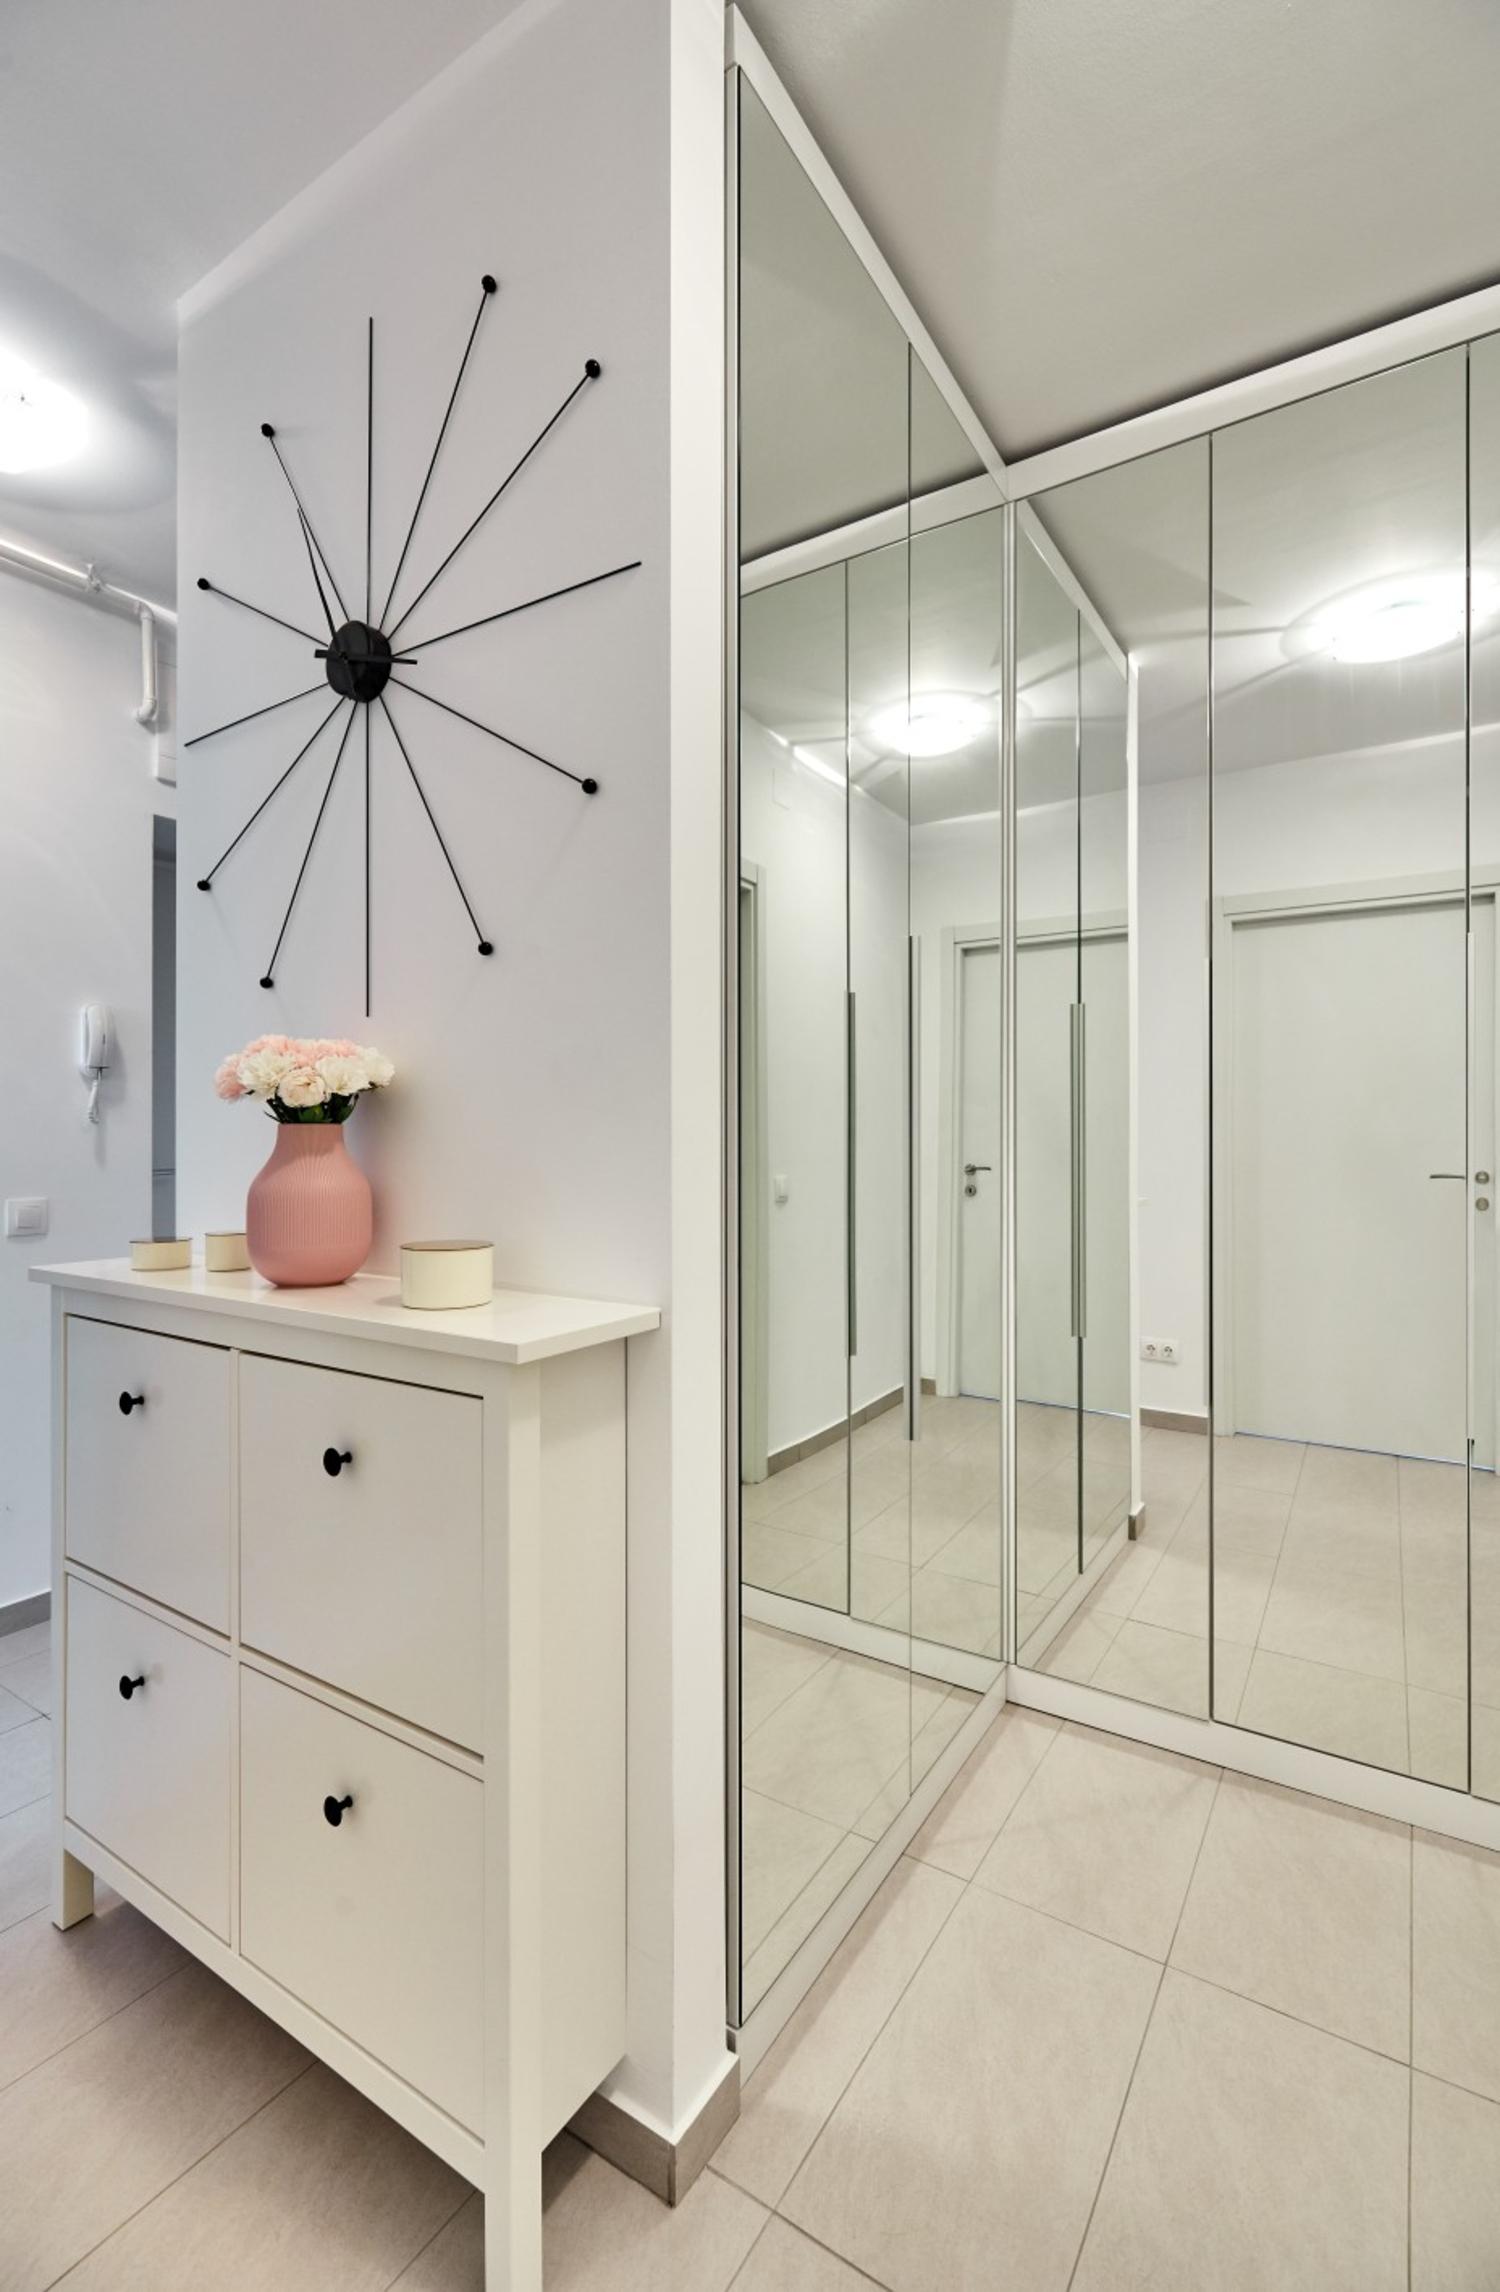 Dulap în formă de L placat cu oglinzi. Amenajare apartament două camere București, arh. int. Cristina Micu.